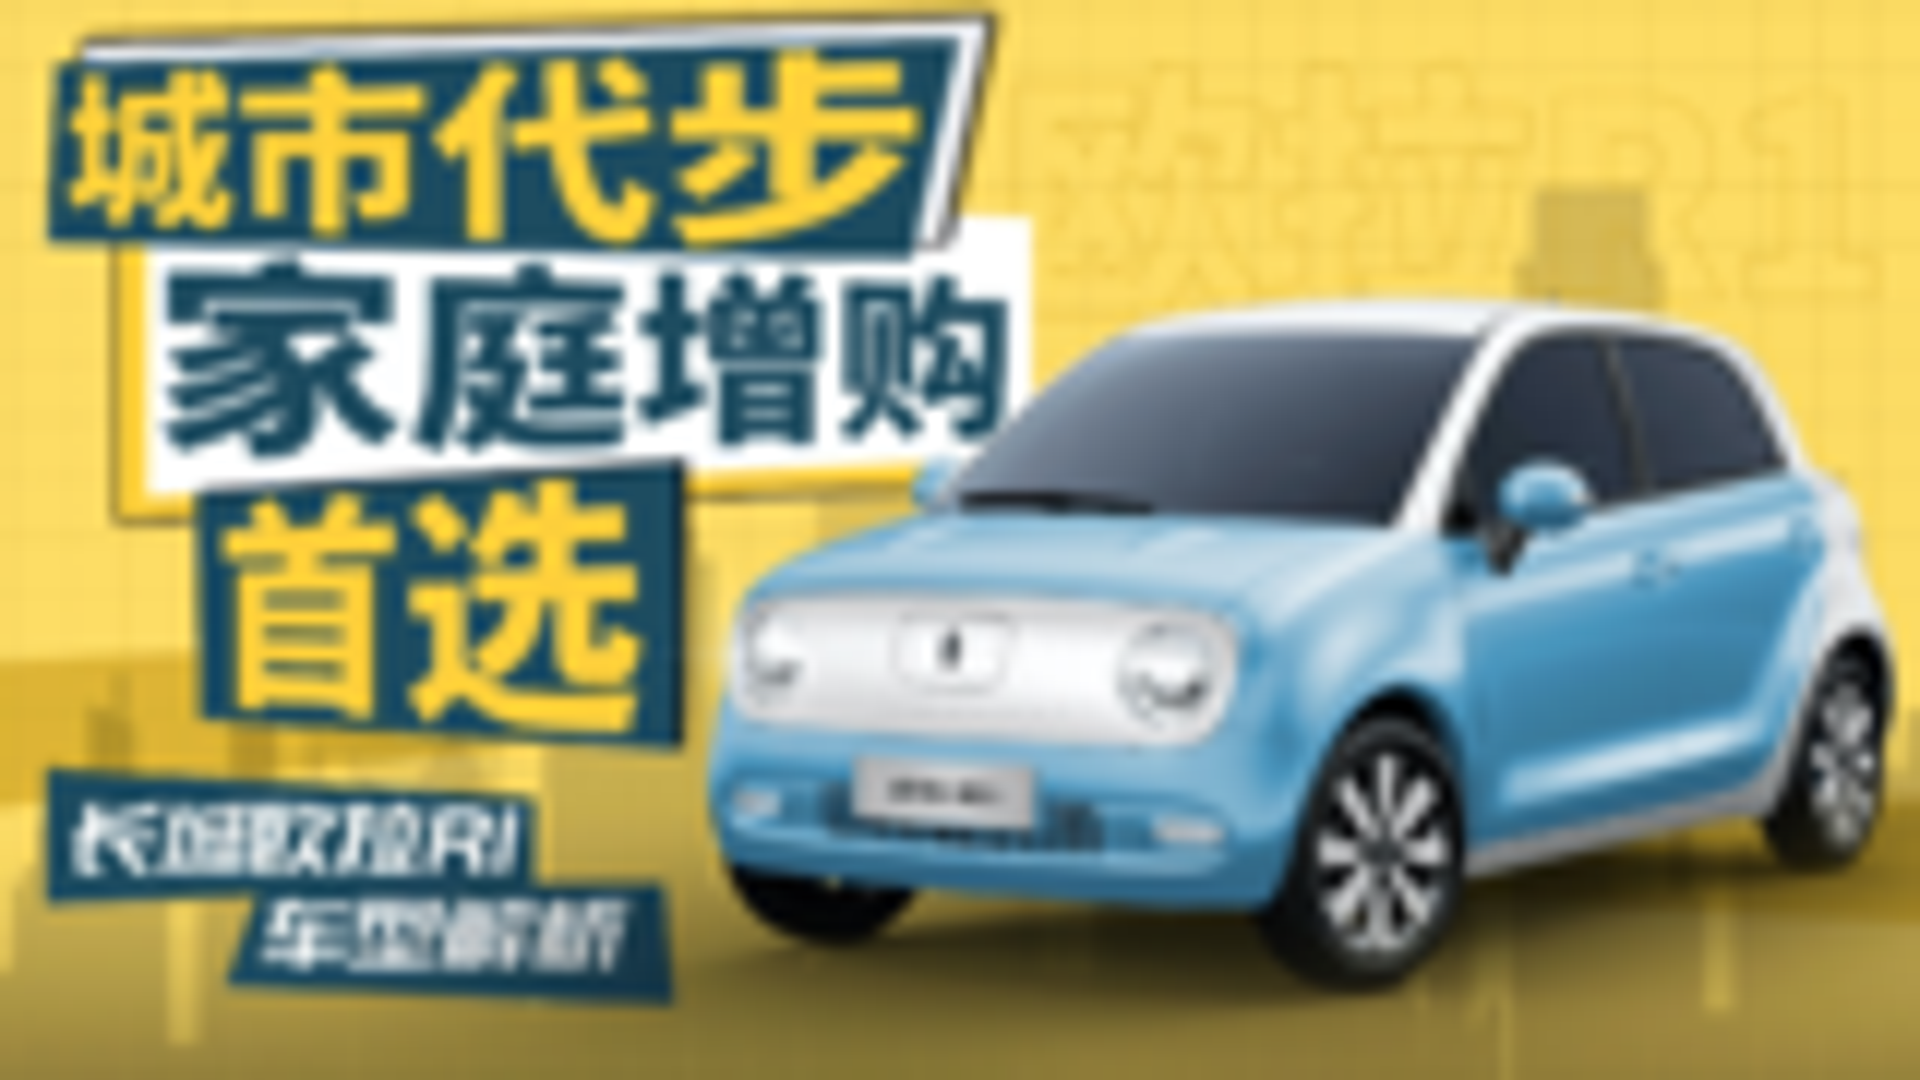 【购车300秒】城市代步/家庭增购首选 长城欧拉R1车型解析